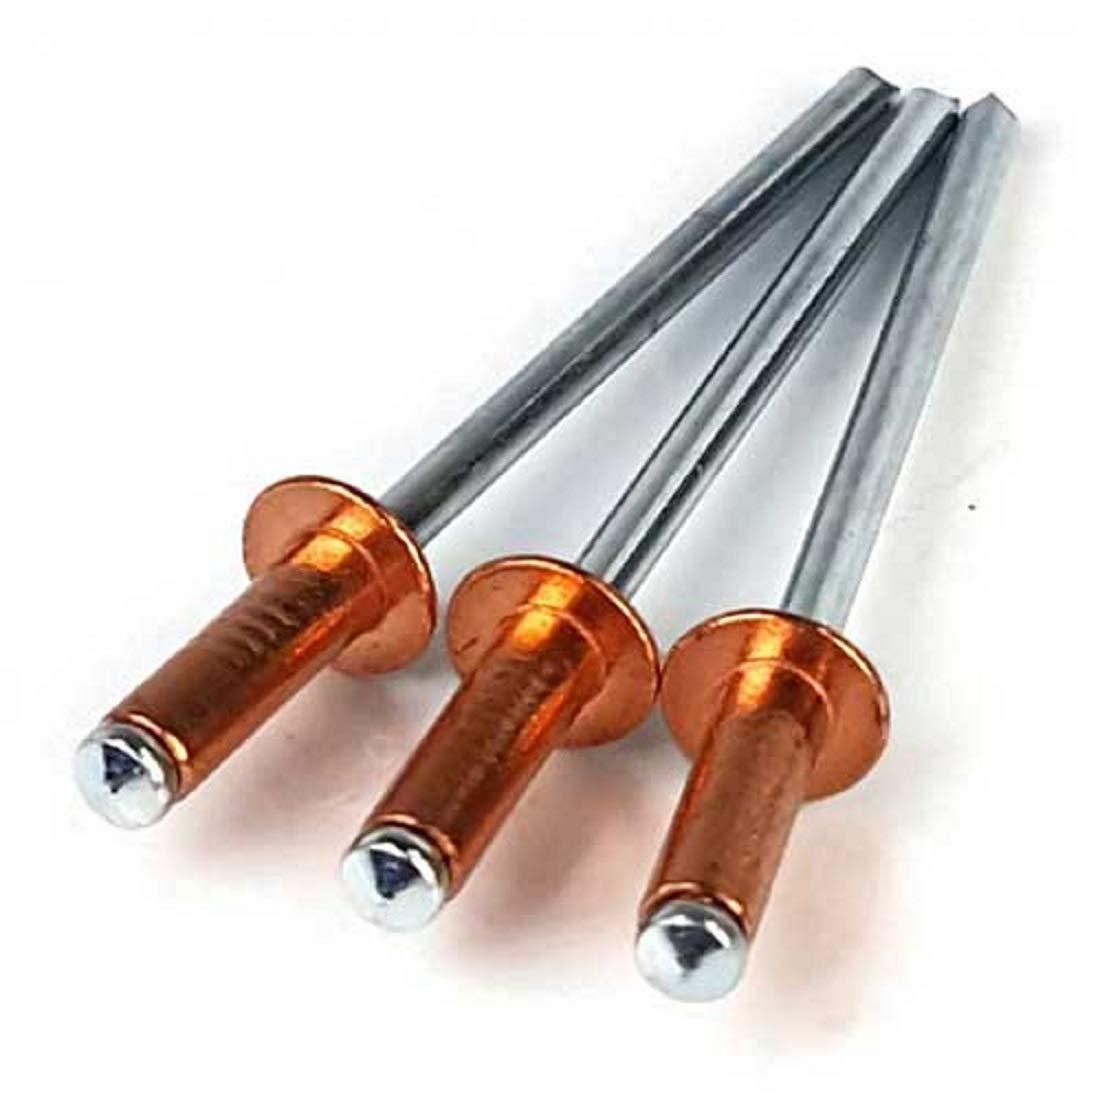 Copper Pop Rivets 4-2 (1/8